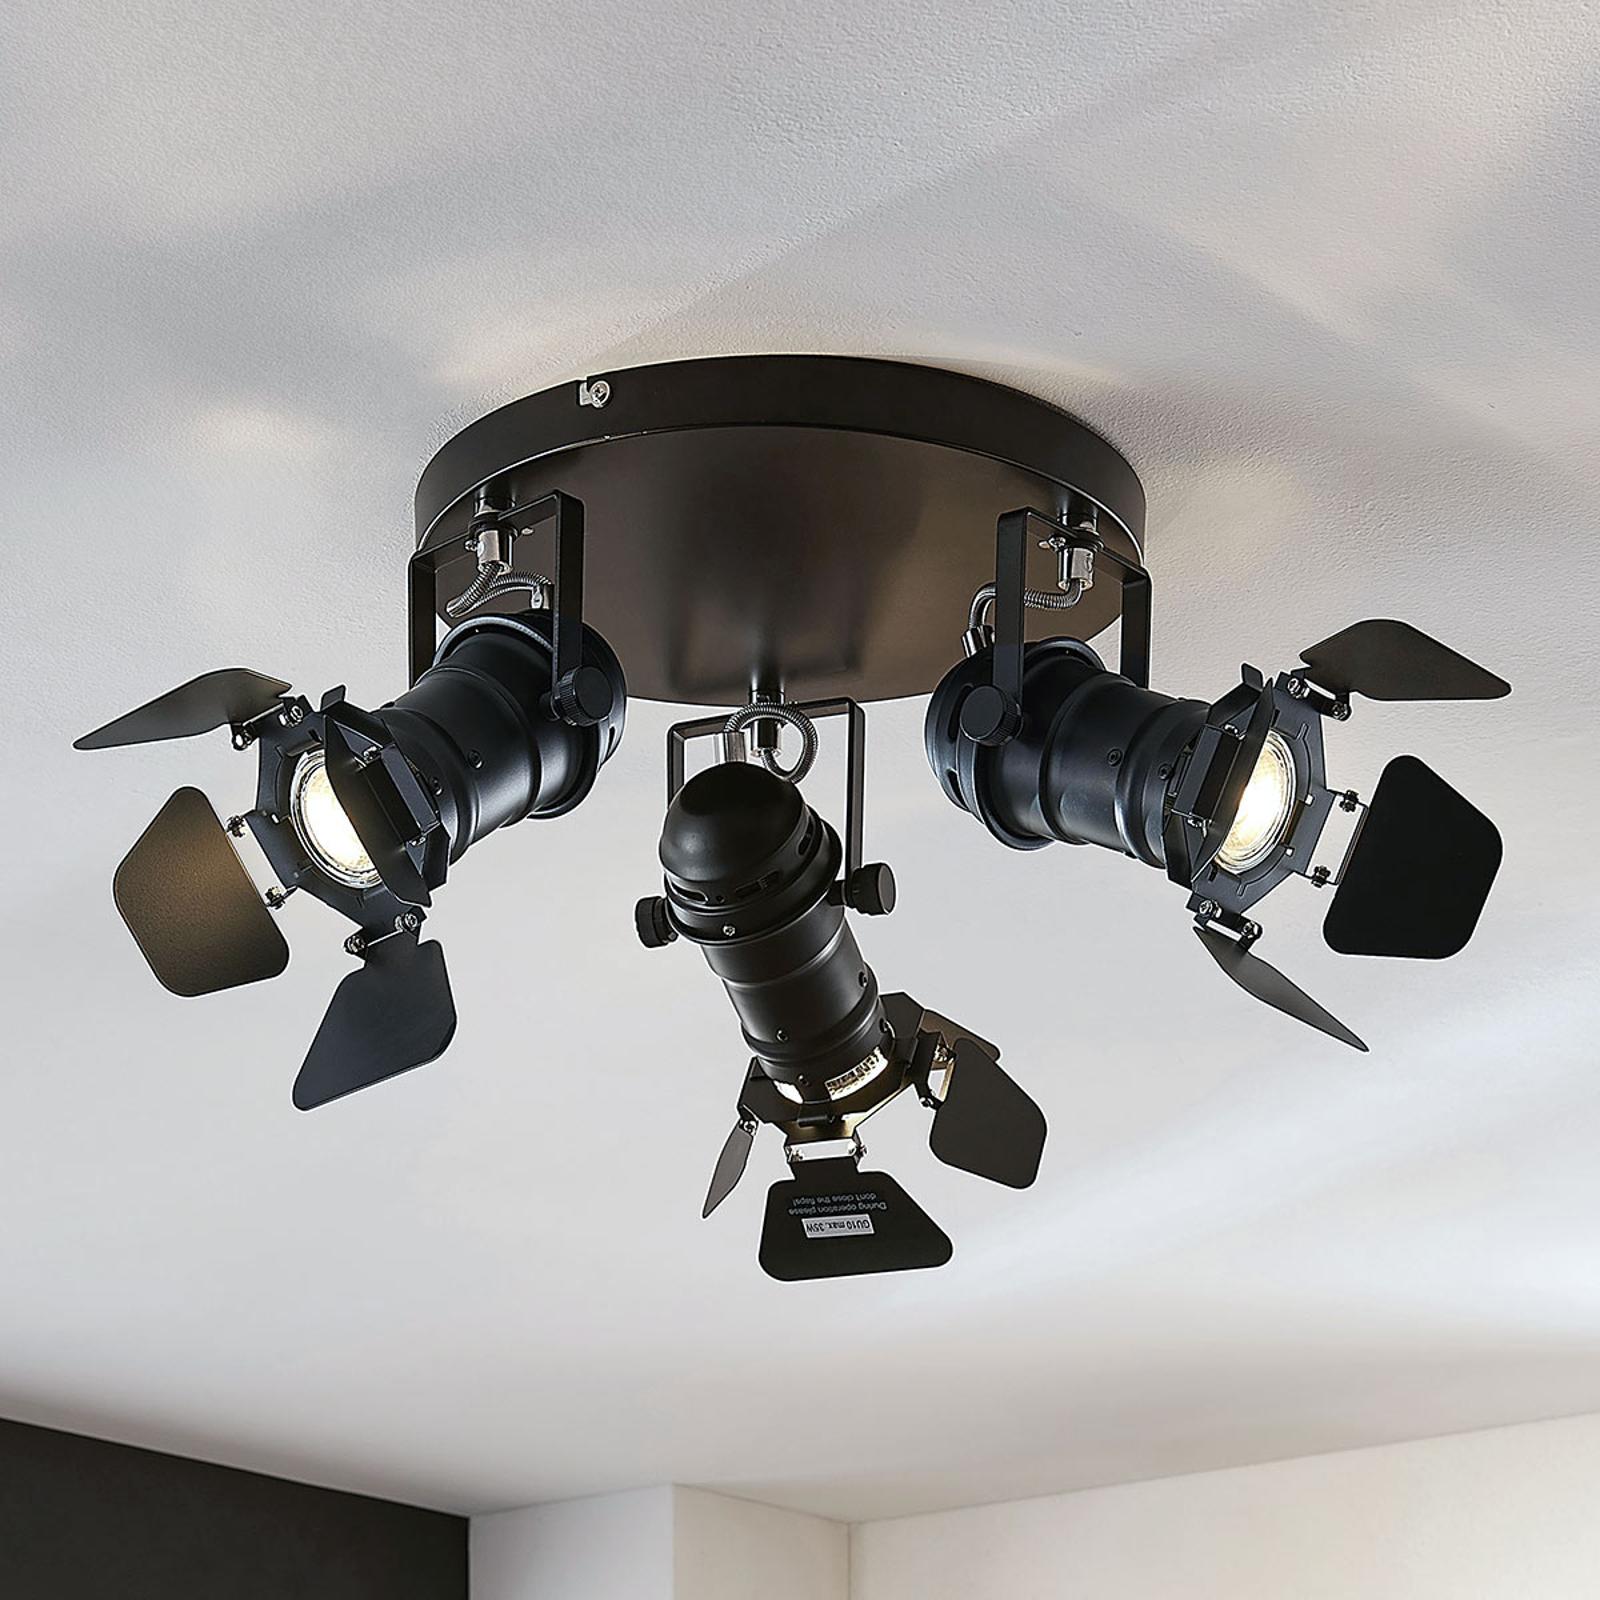 Lampa sufitowa Tilen, 3-pkt. w stylu reflektorów